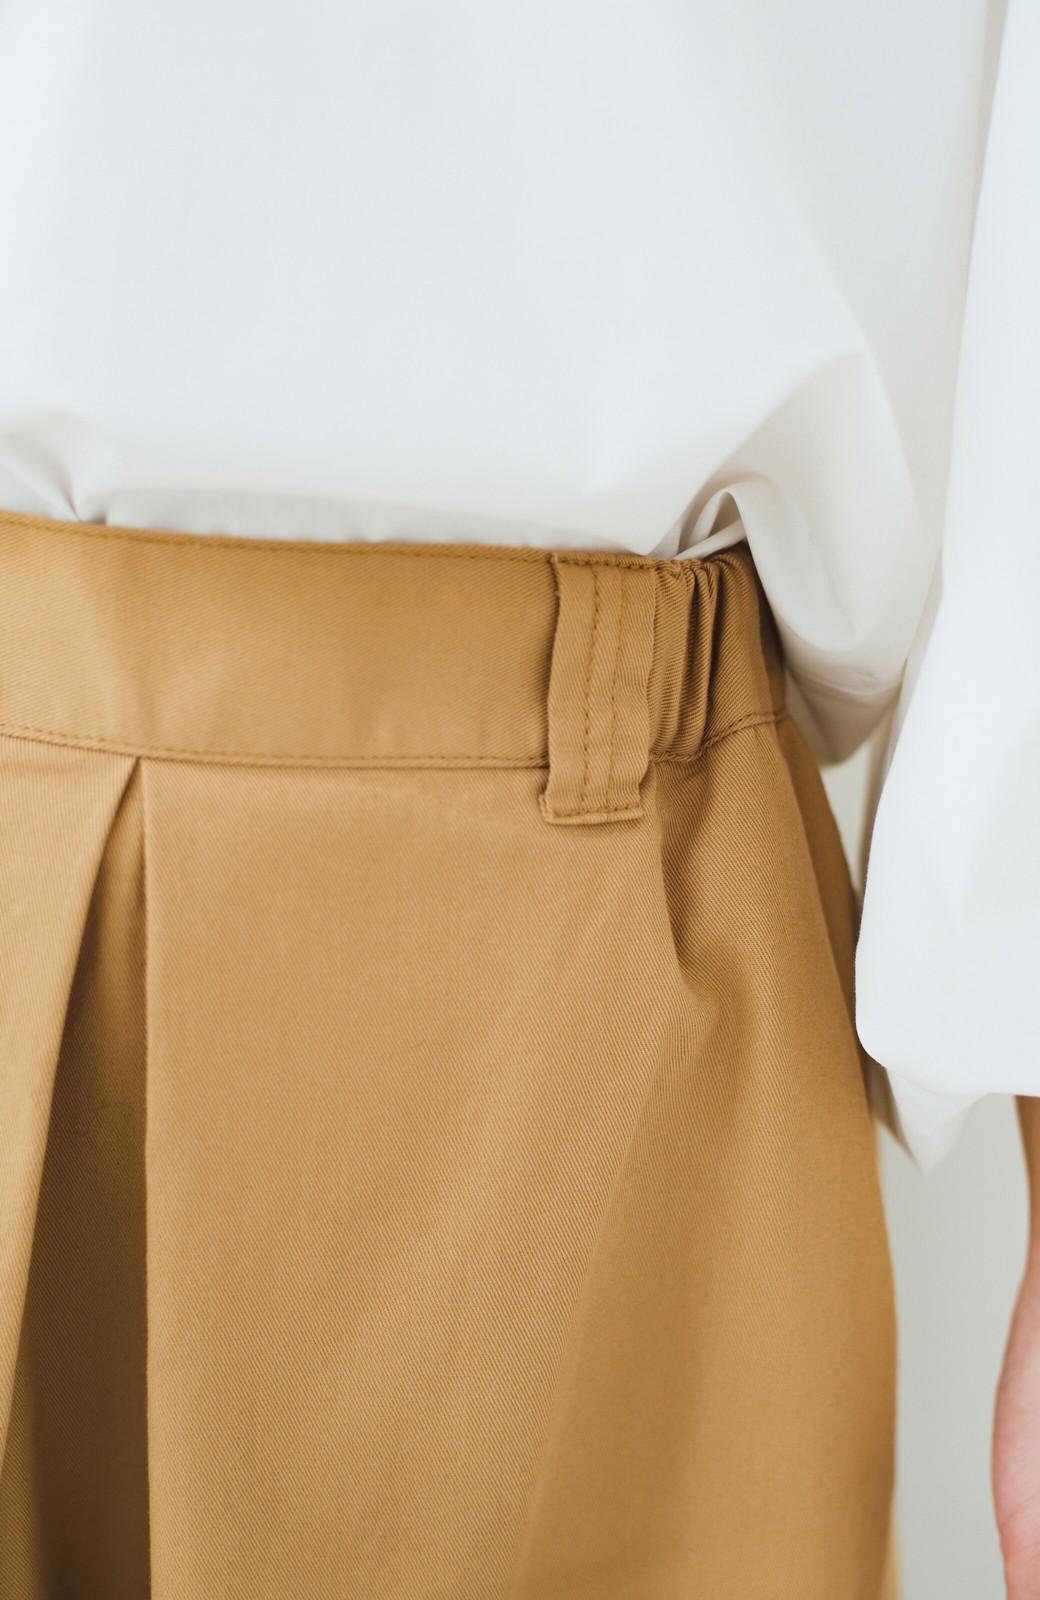 haco! ロングシーズン楽しめる タックボリュームのチノロングスカート <ベージュ>の商品写真6